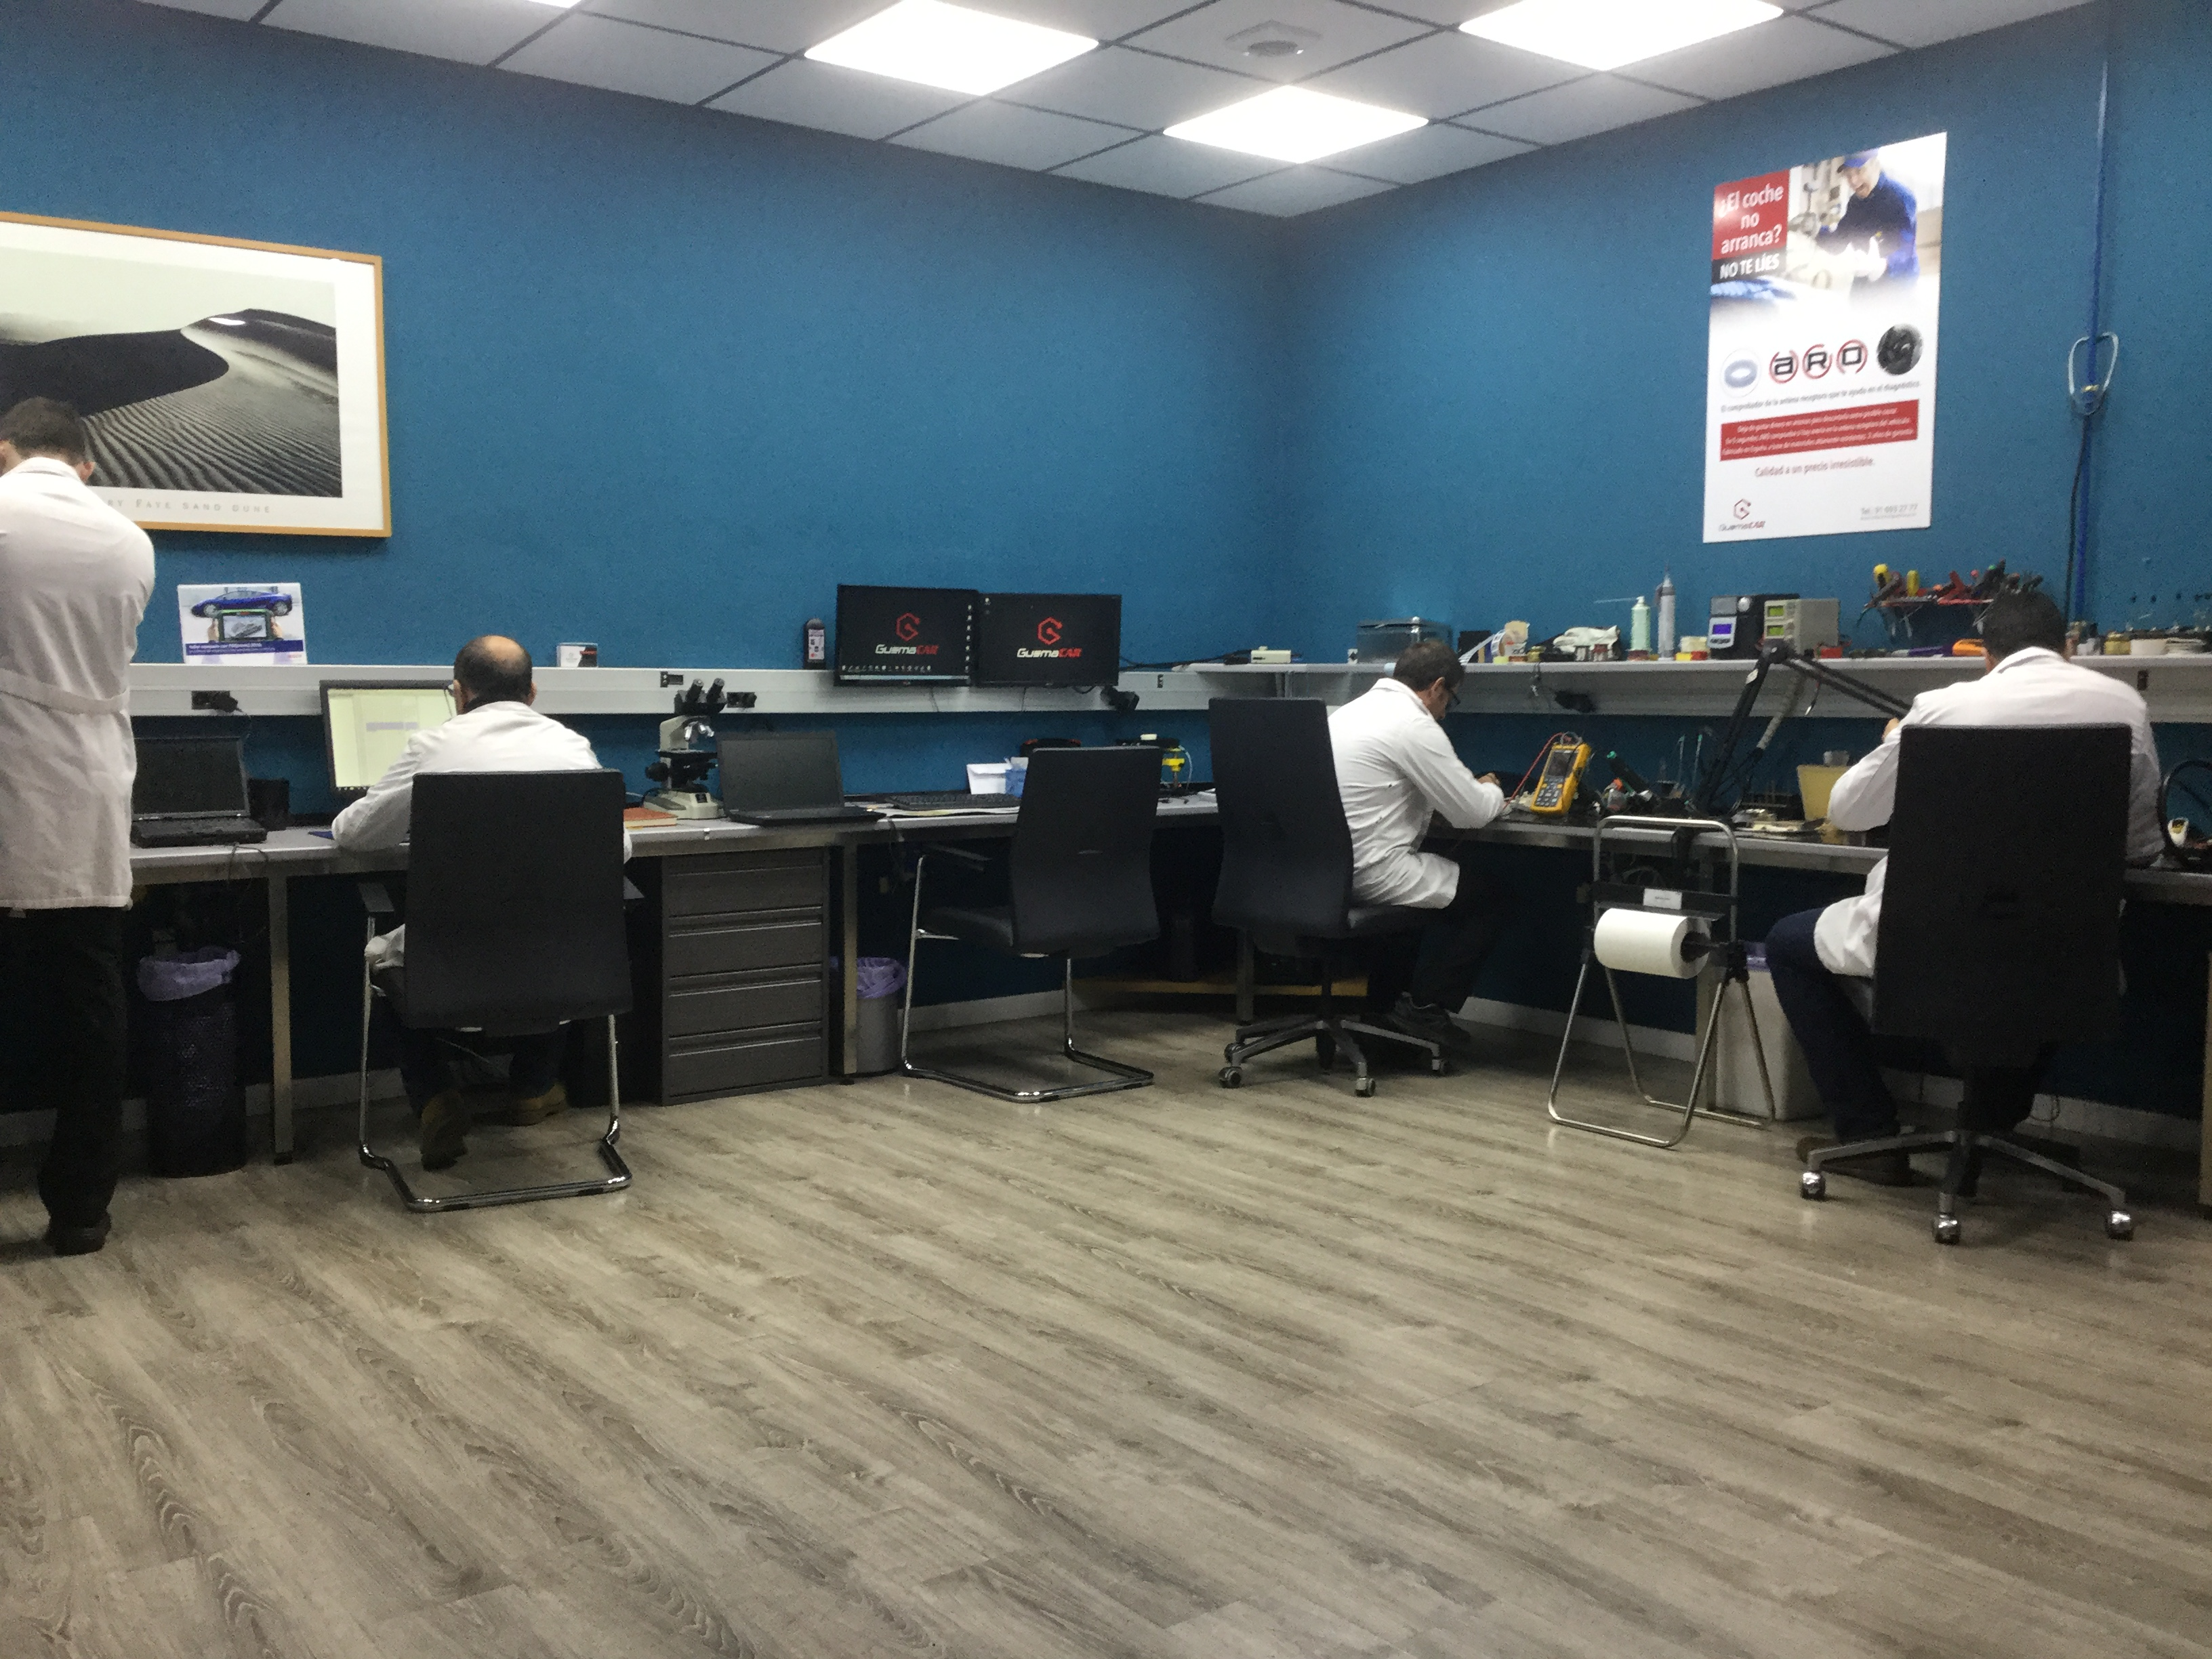 Soluciones guemacar nuevo centro asociado ista en legan s for Centro asociado de madrid